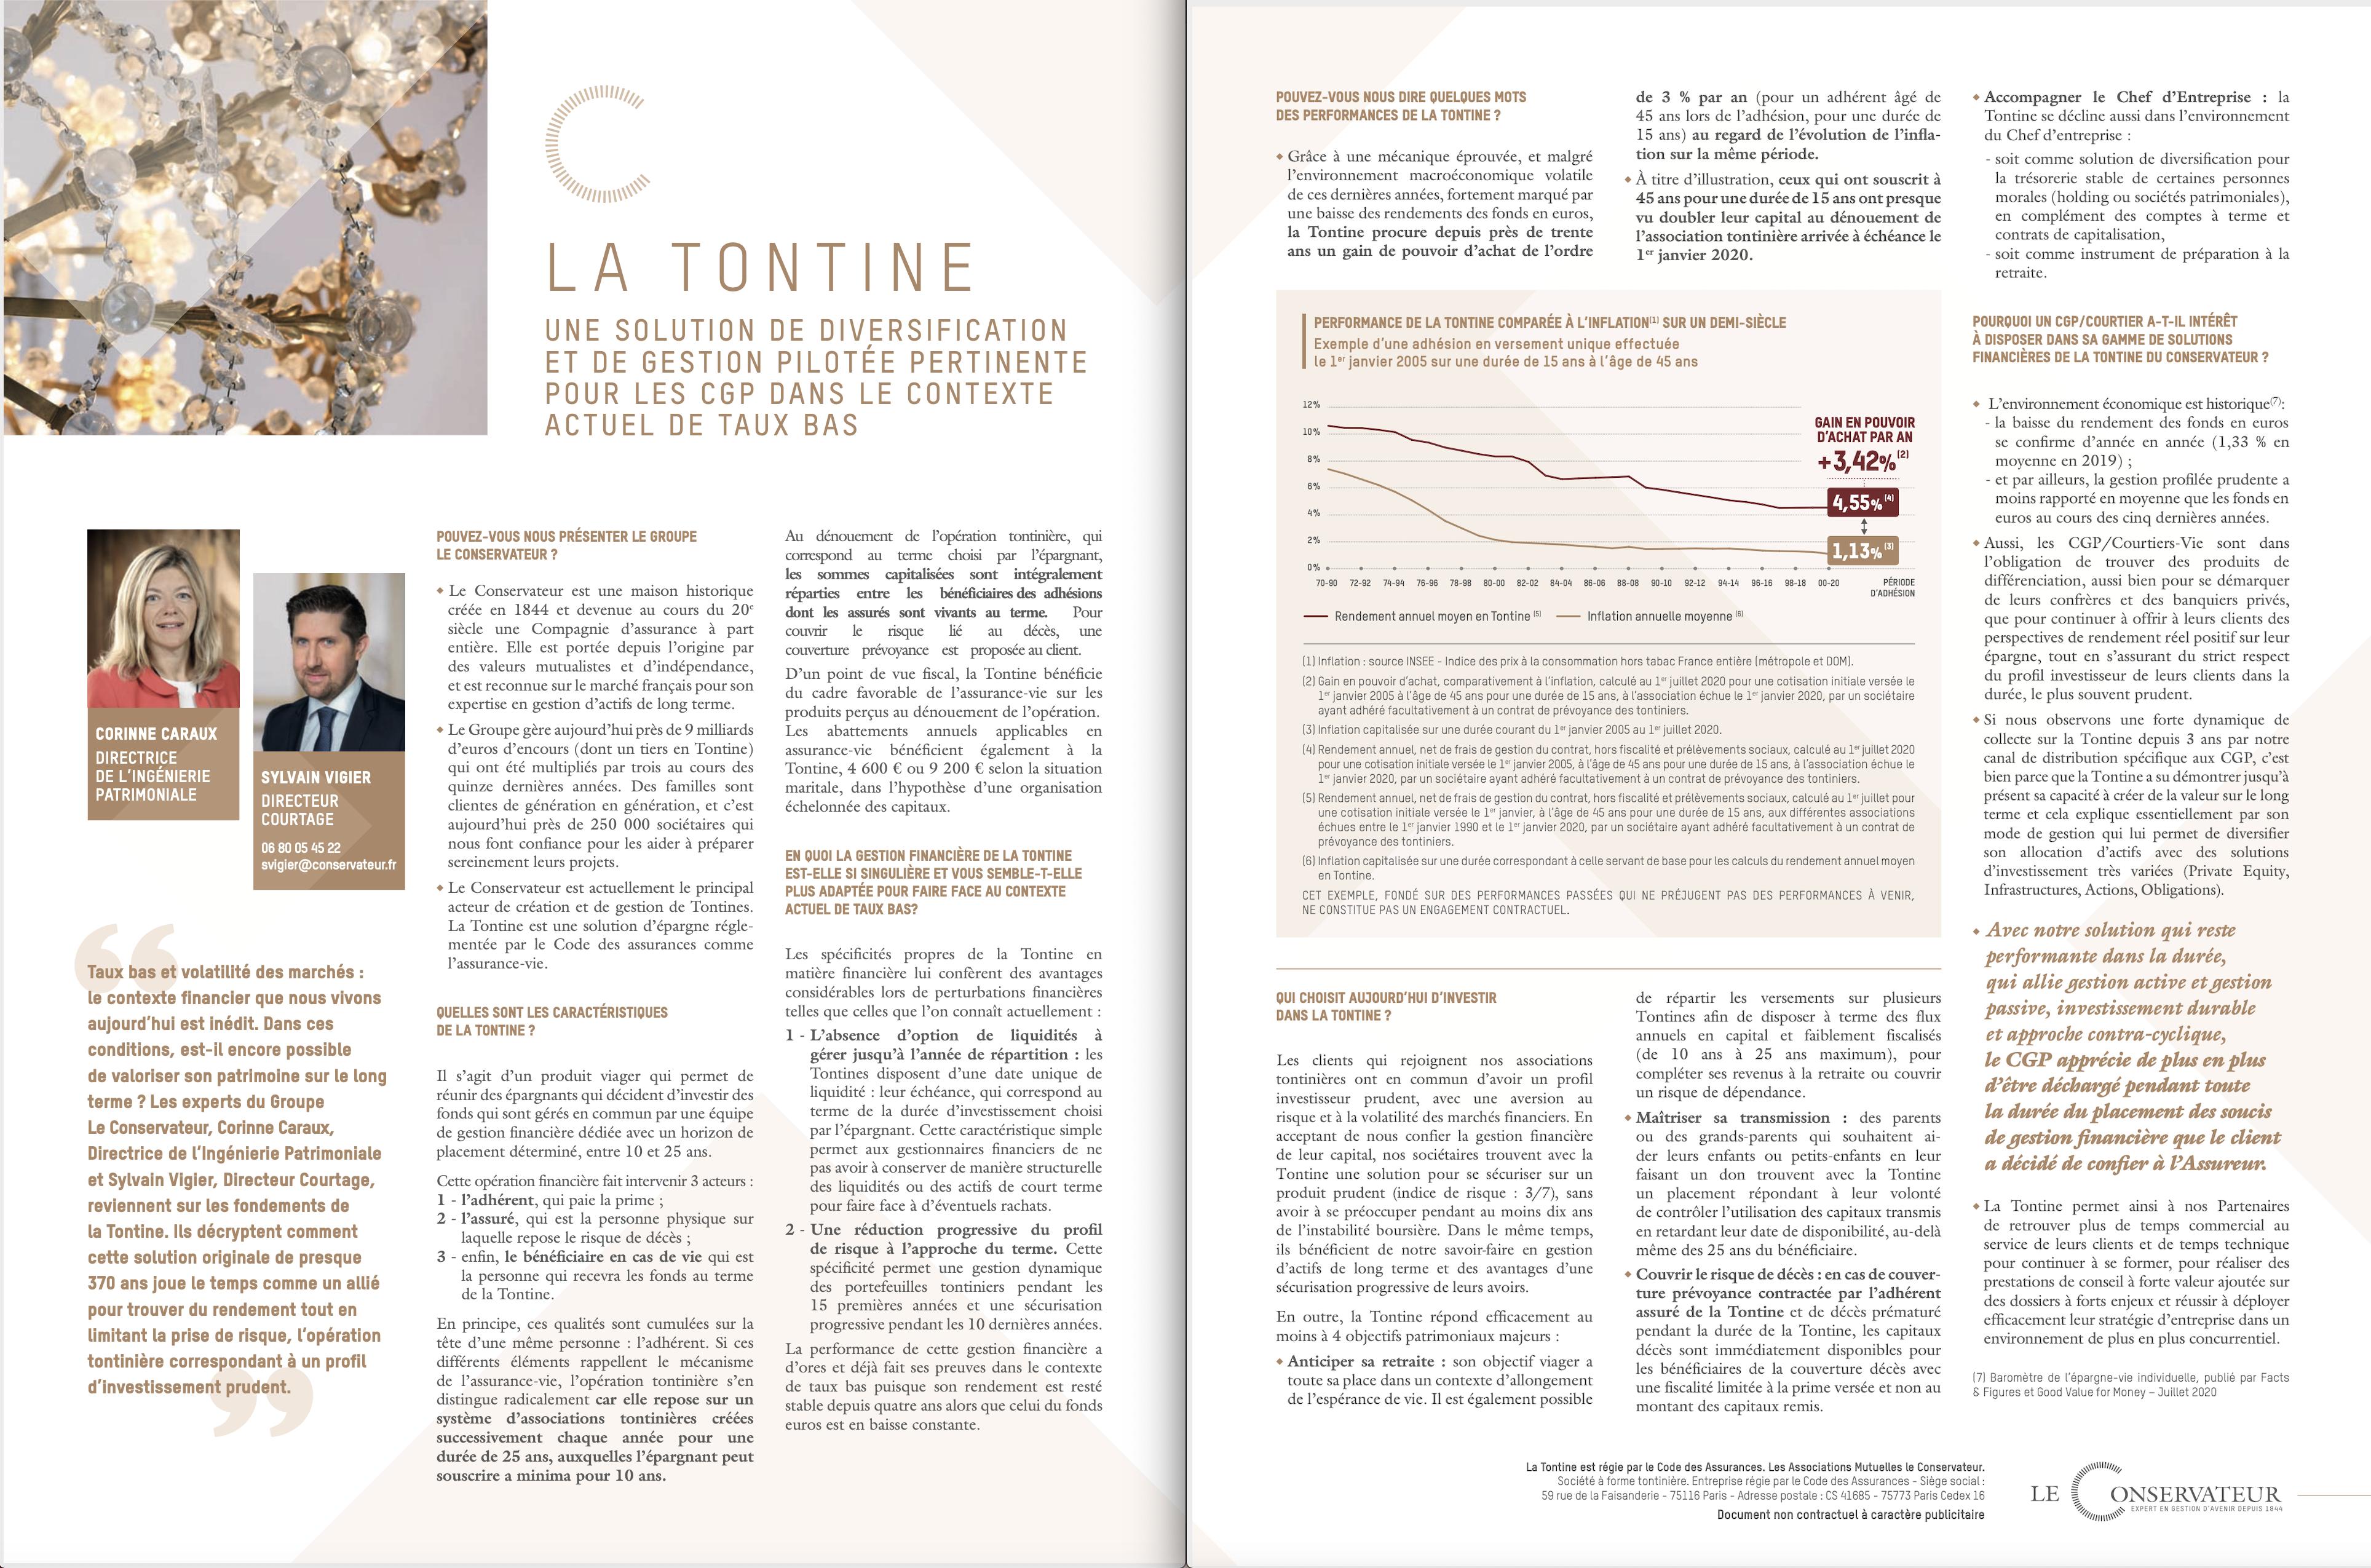 La Tontine une solution de diversification et de gestion pilotée pertinente pour les CGP